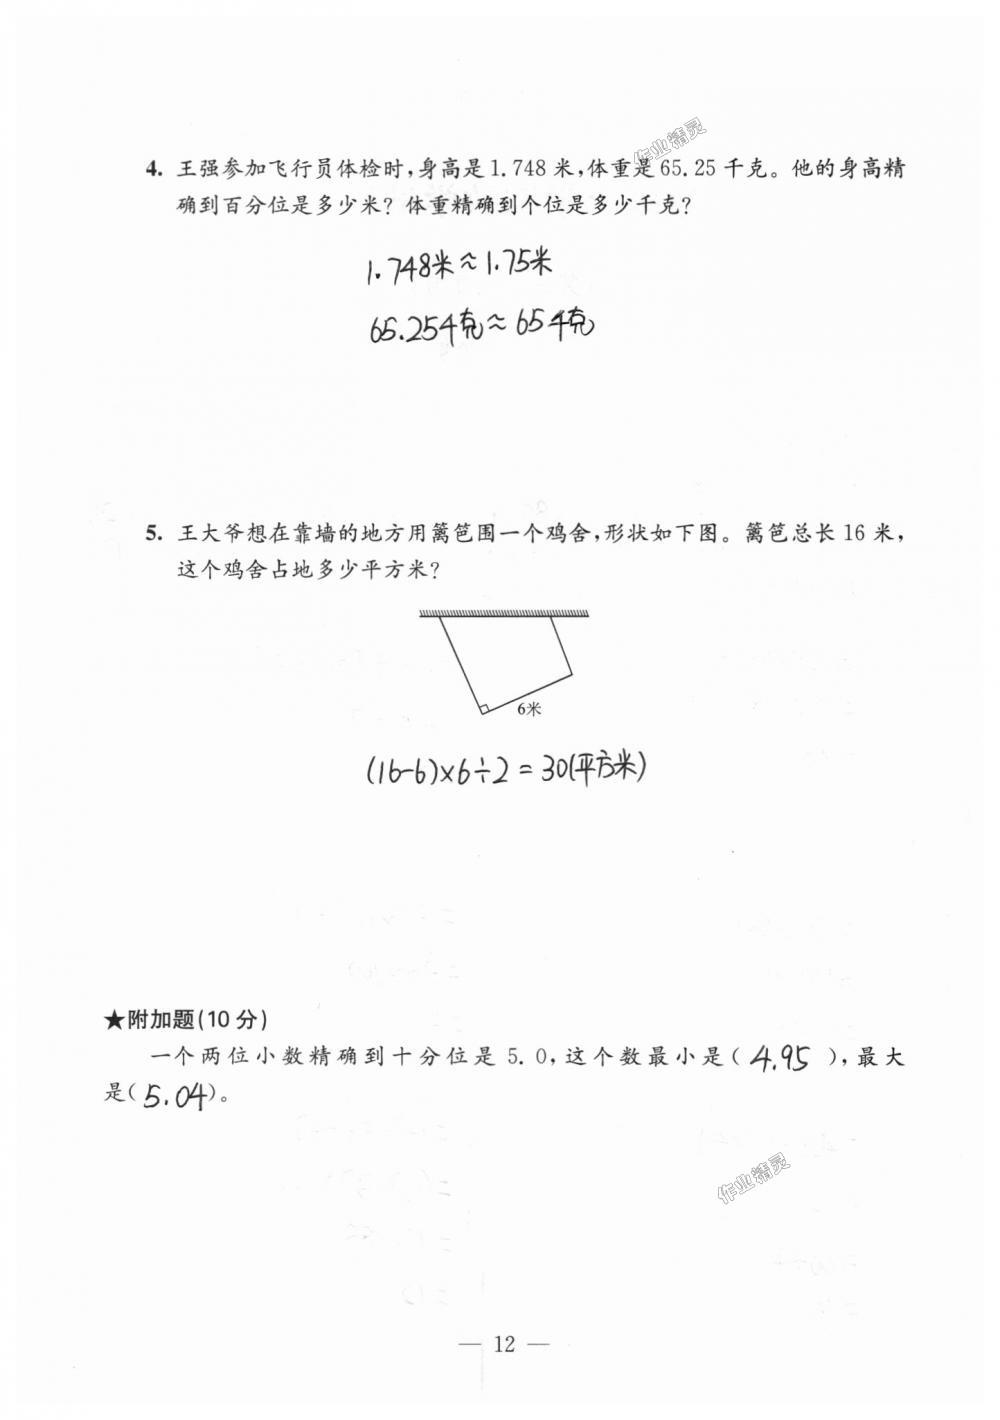 2018年练习与测试检测卷五年级数学上册苏教版第12页